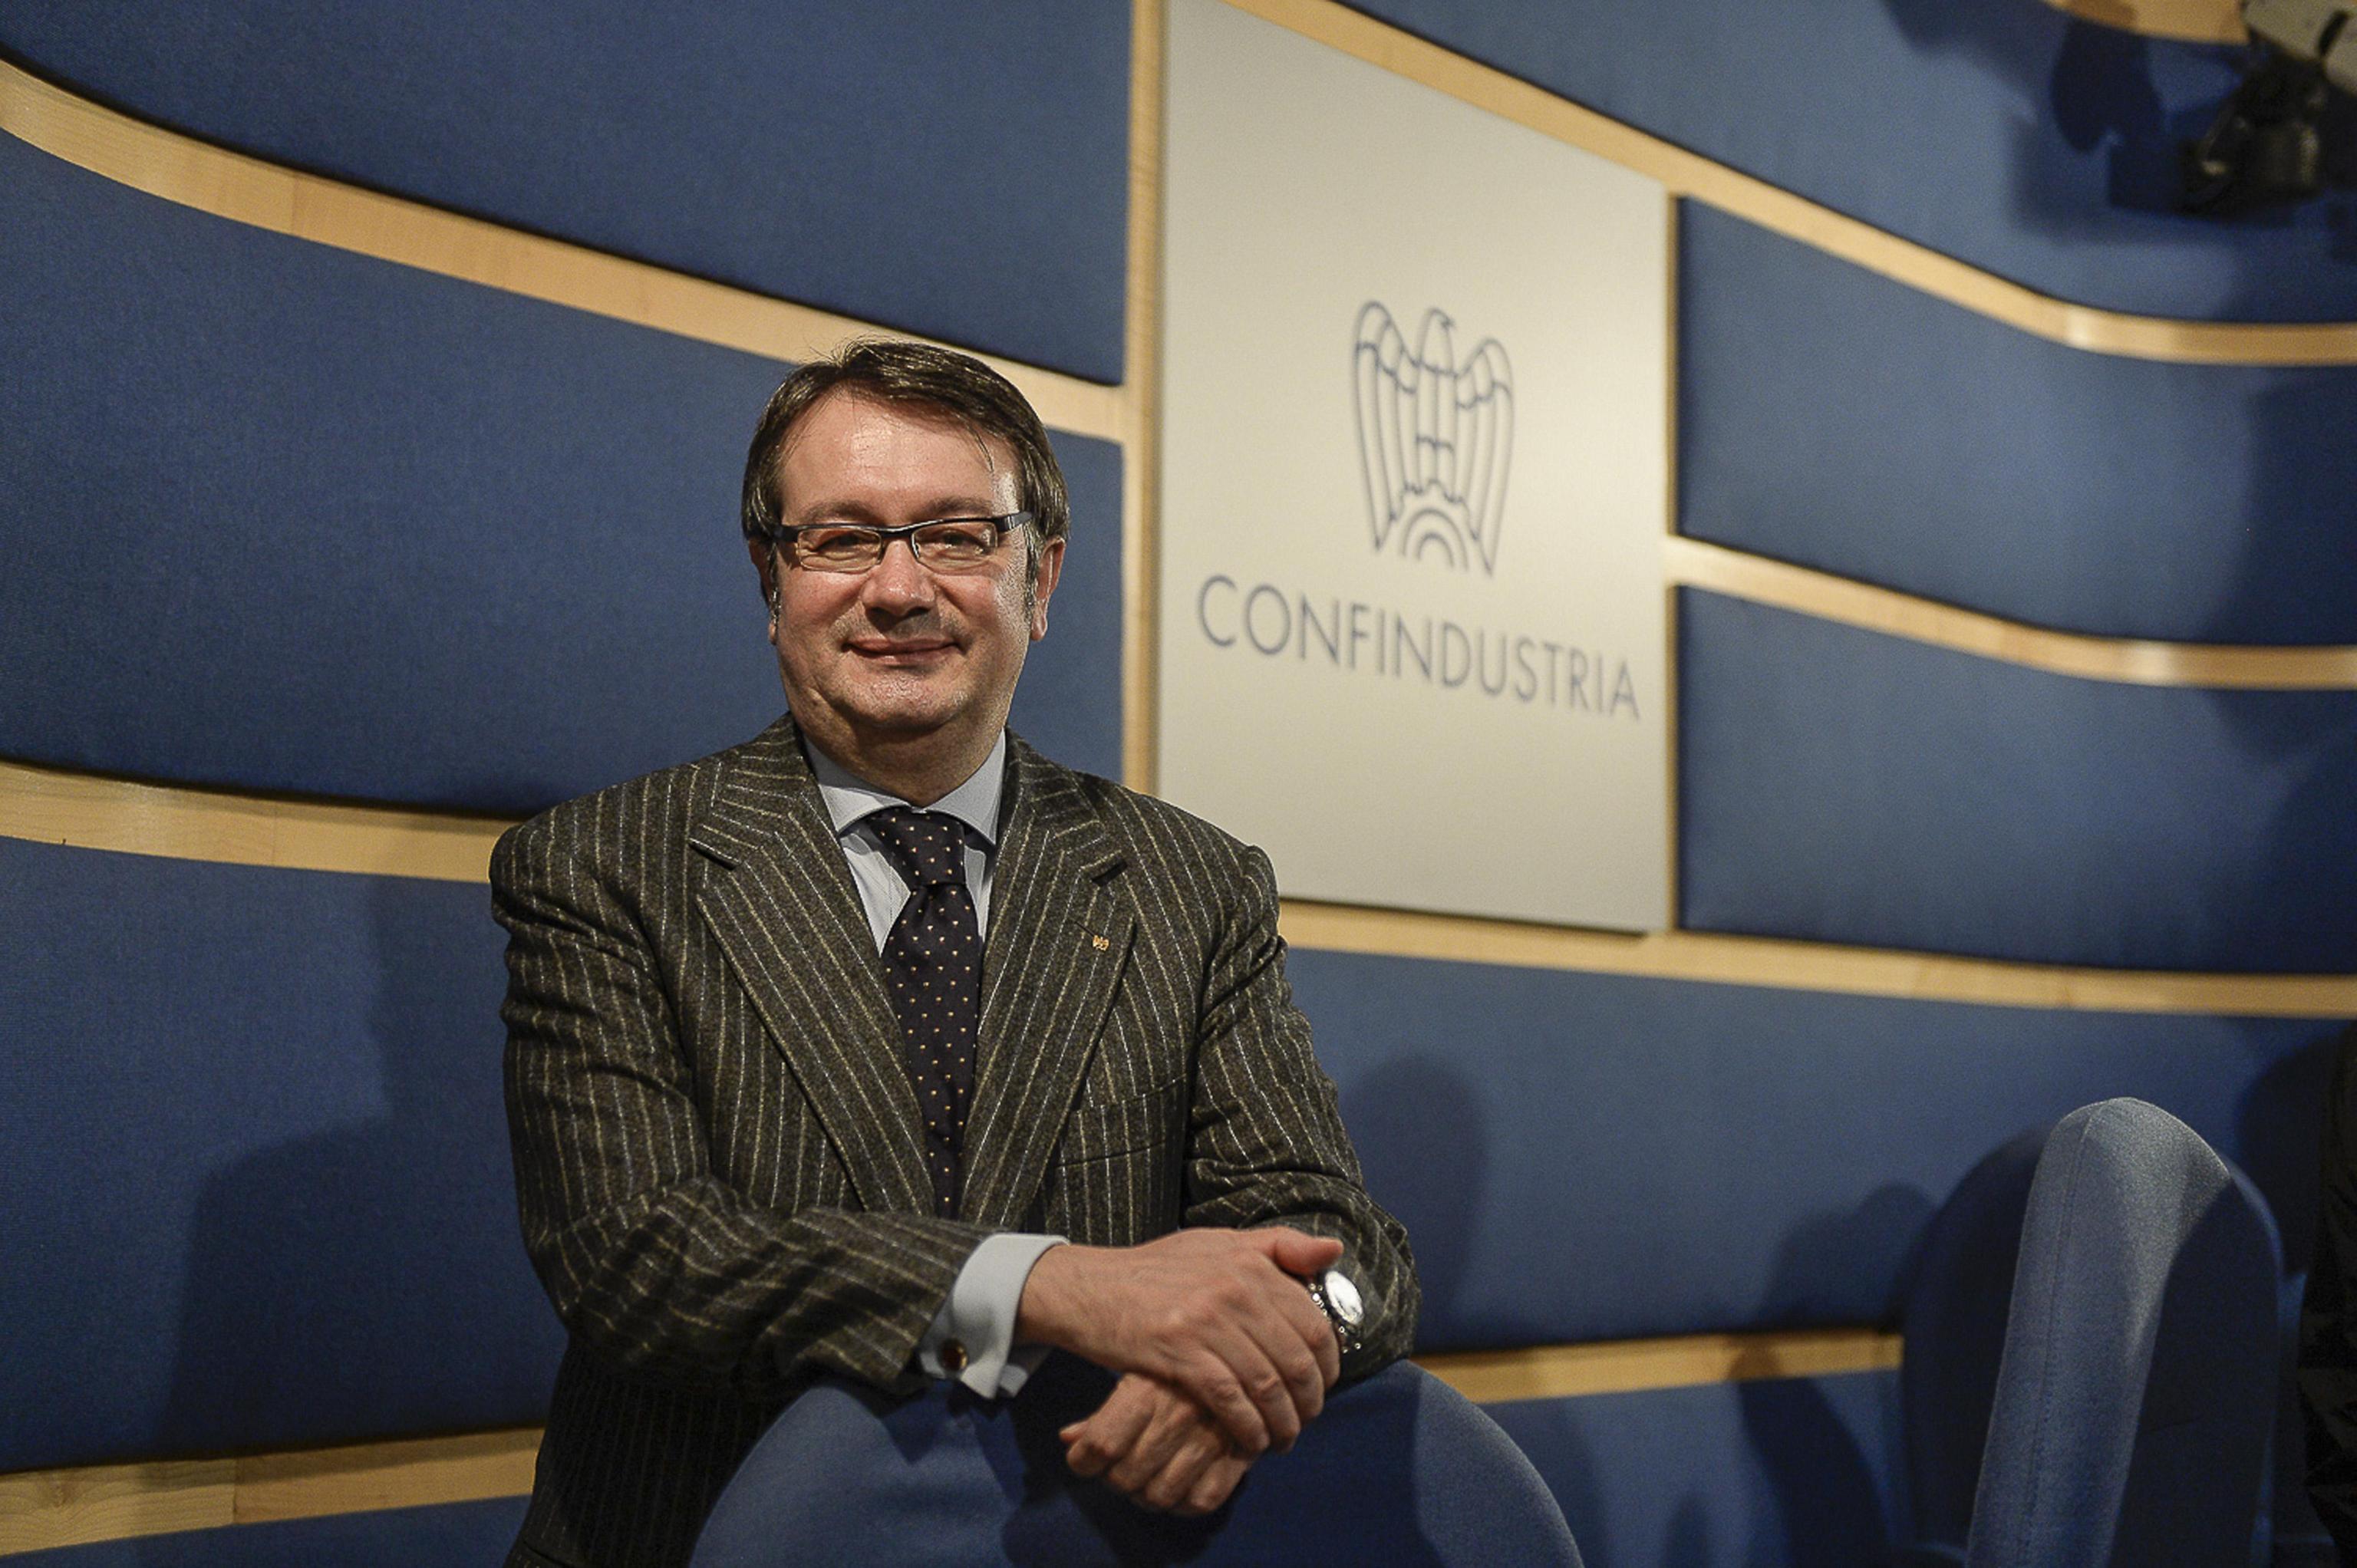 Imprese a governo: 'Occorre finanziare la formazione dei giovani'